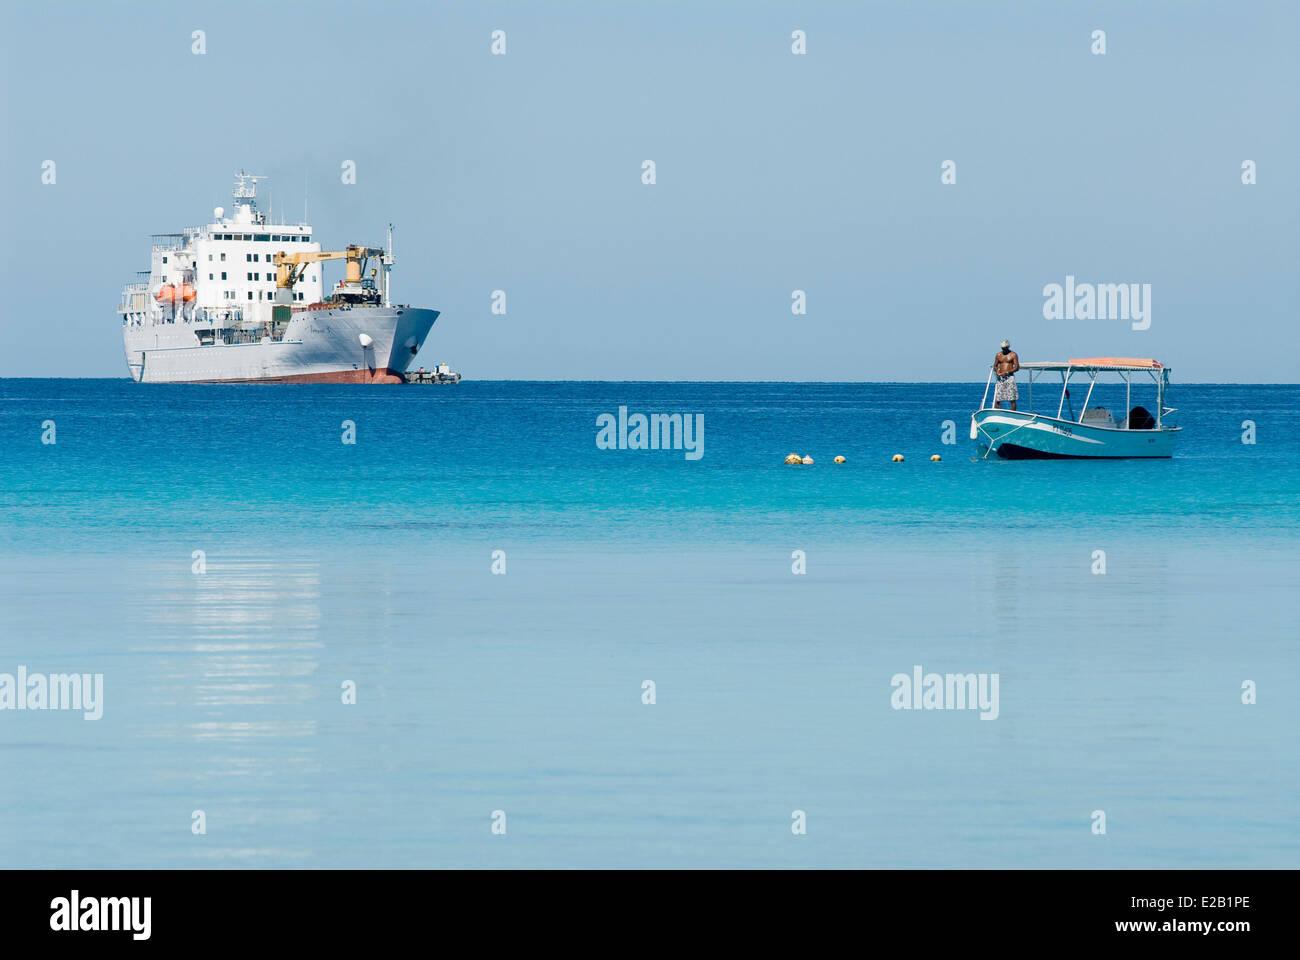 France, French Polynesia, Tuamotu islands, Rangiroa Atoll, cruise aboard the cargo ship Aranui 3, the cargo and - Stock Image